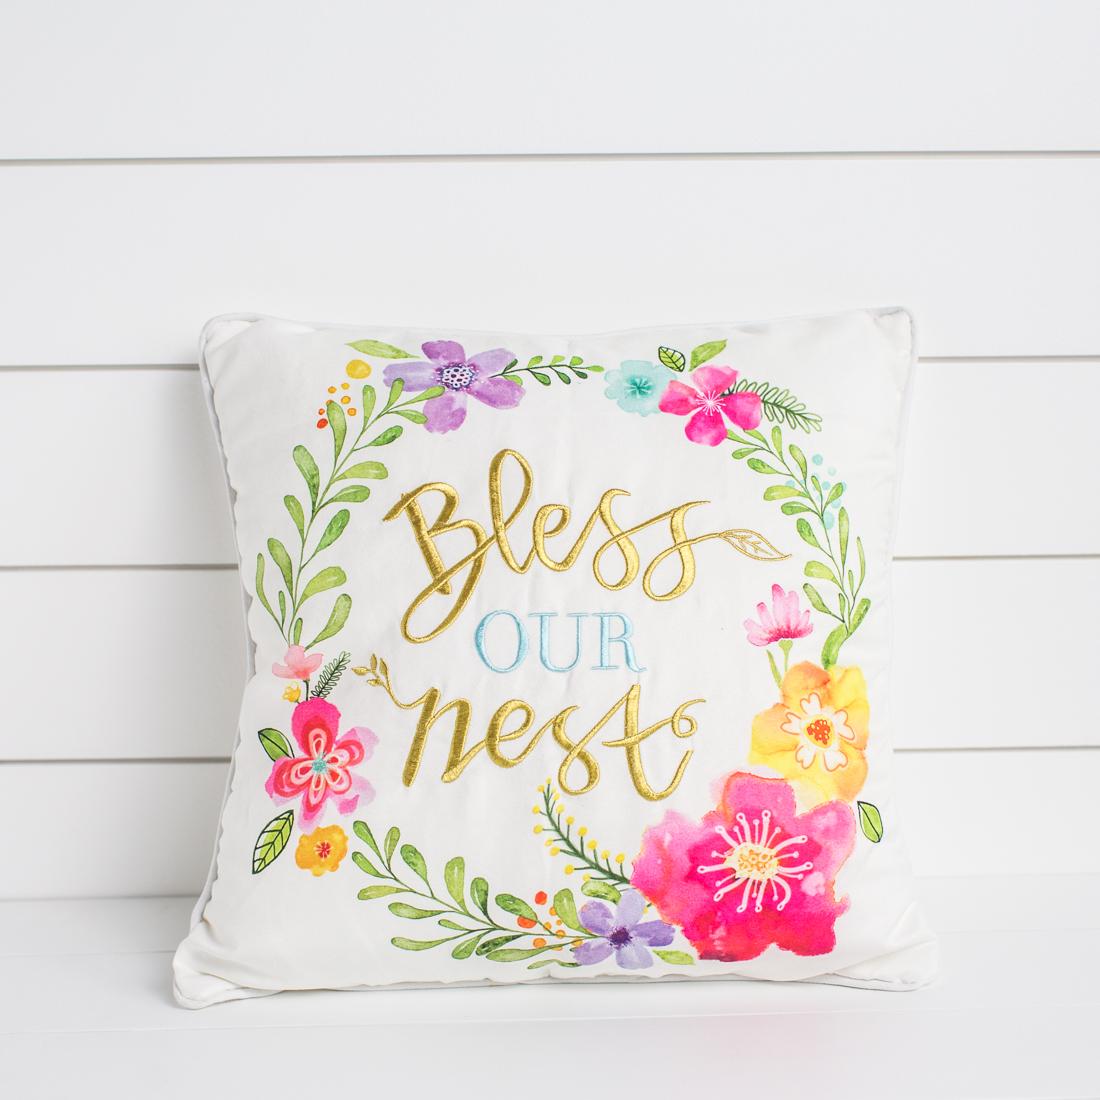 Bess Our Nest Pillow